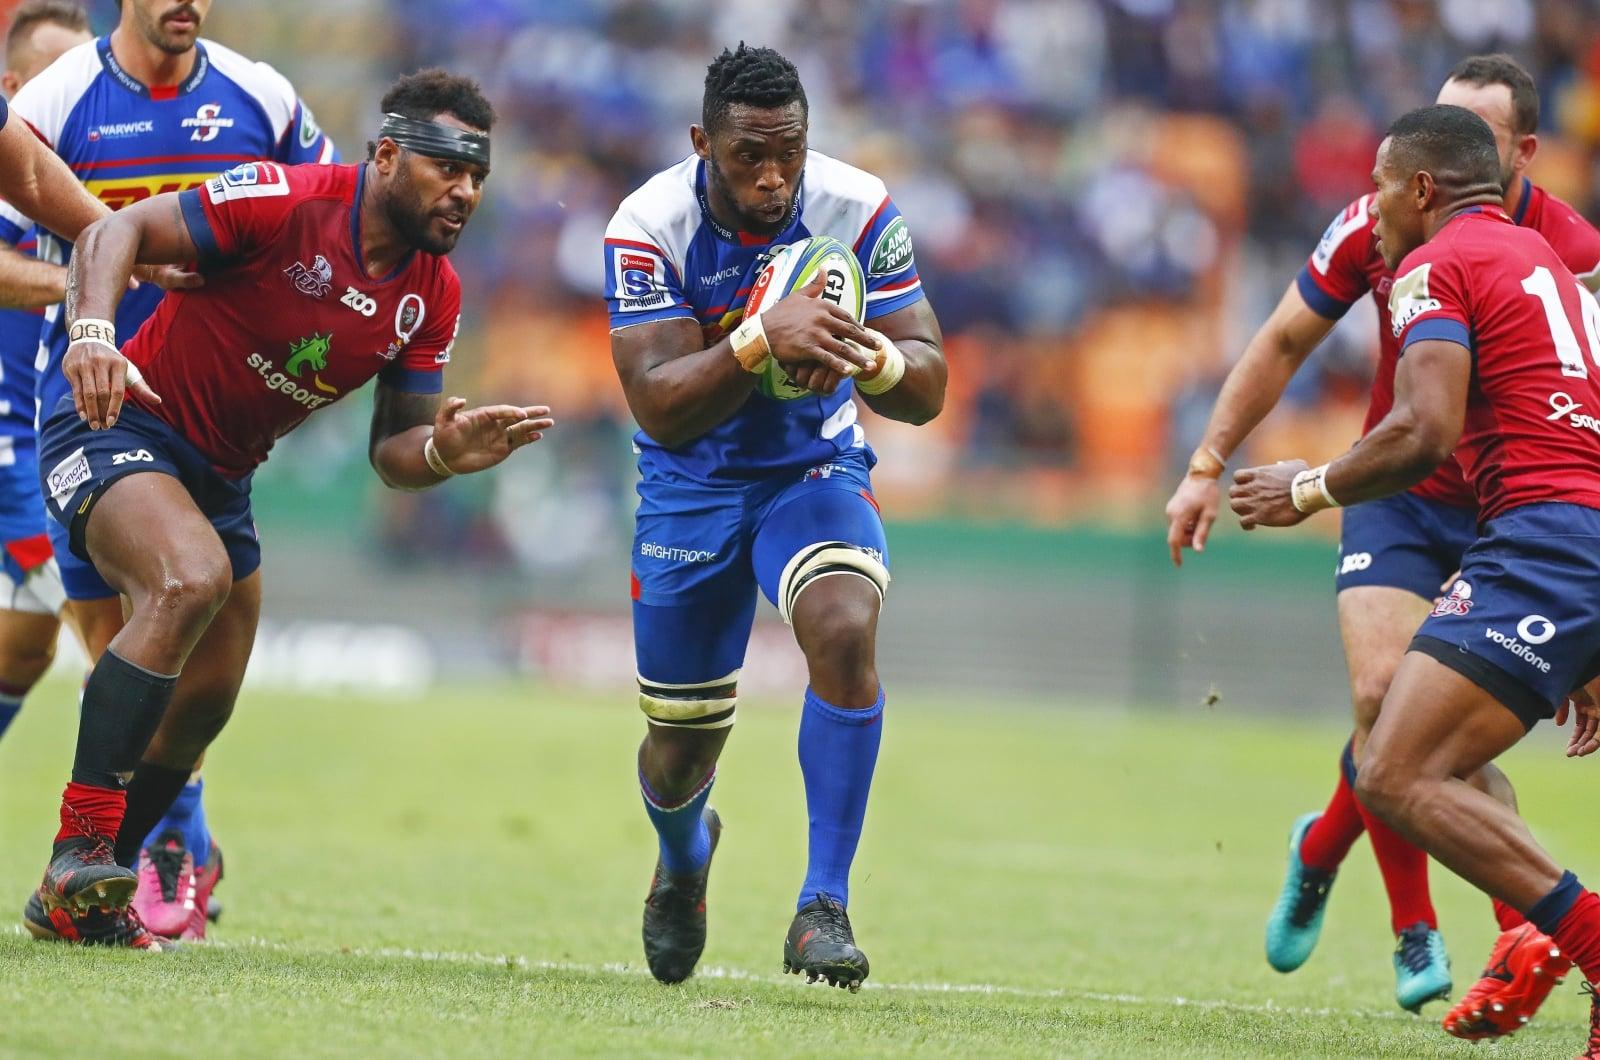 Zawody Rugby w Południowej Afryce